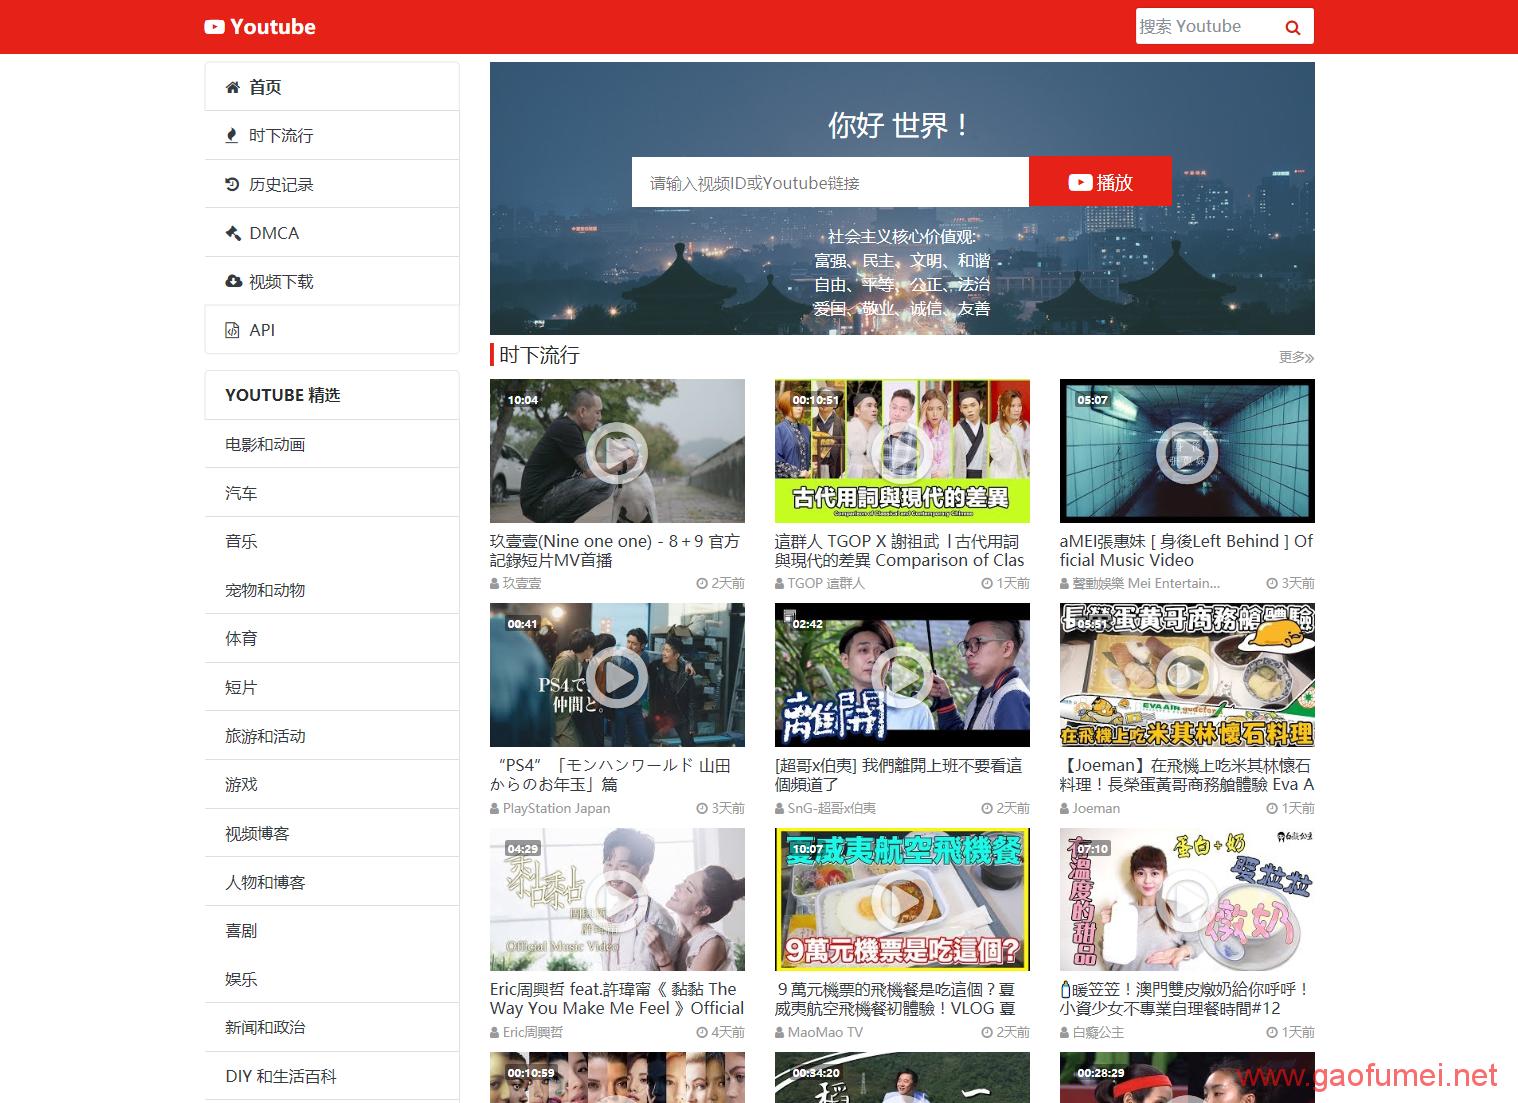 低成本搭建私人Youtube镜像,国外PHP虚拟搭建油管镜像攻略! 网络问题 第18张-泥人传说